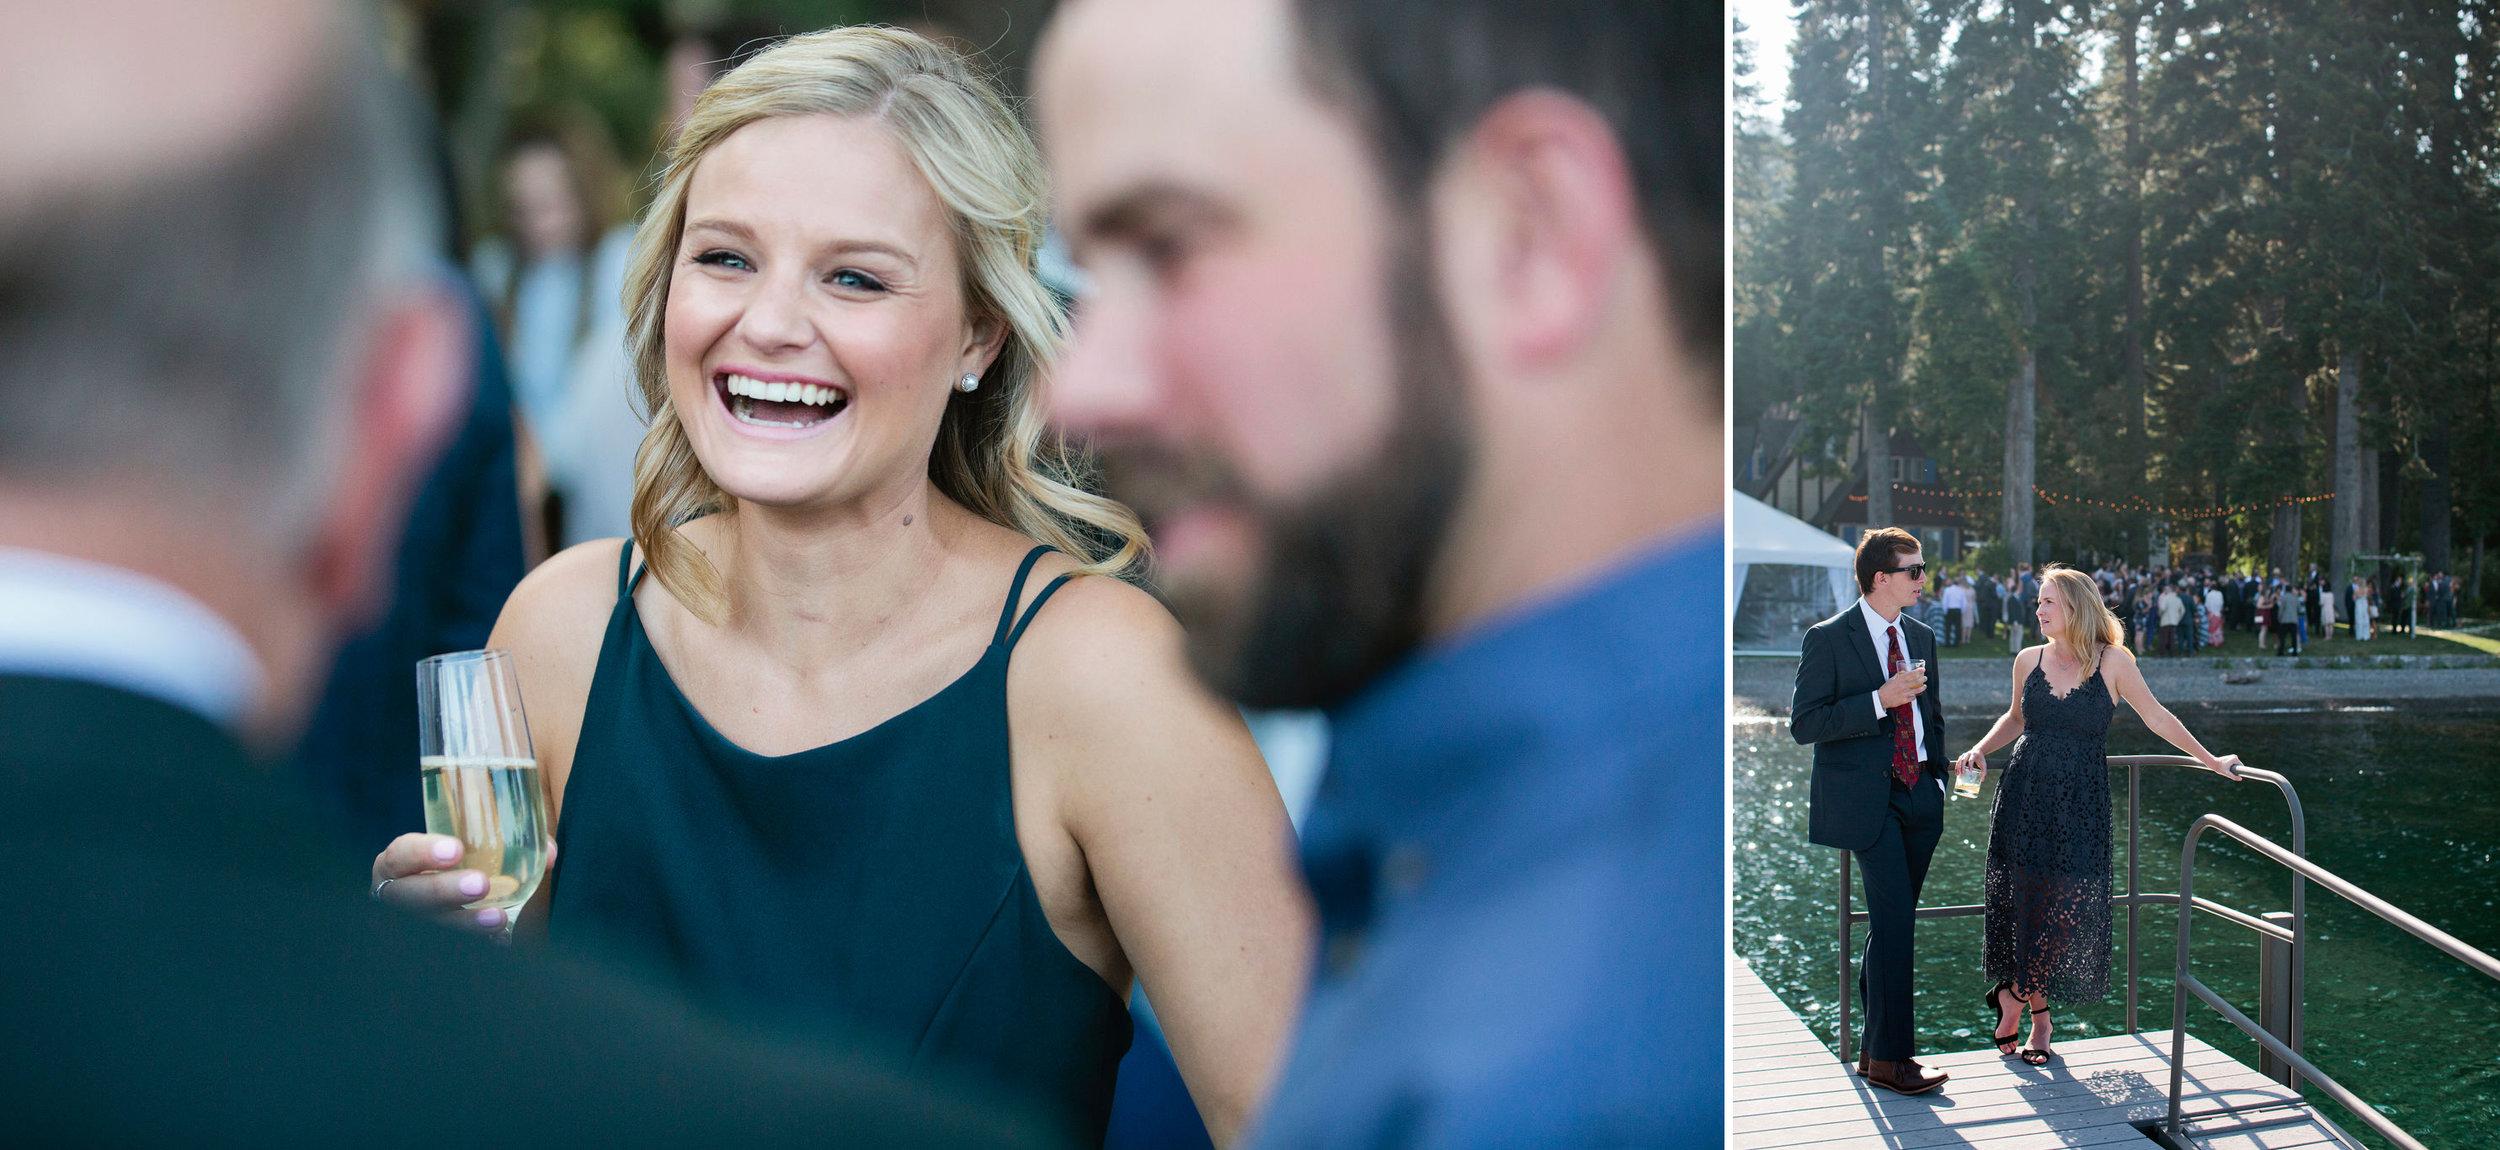 Tahoe-Summer-Wedding-063 copy.jpg